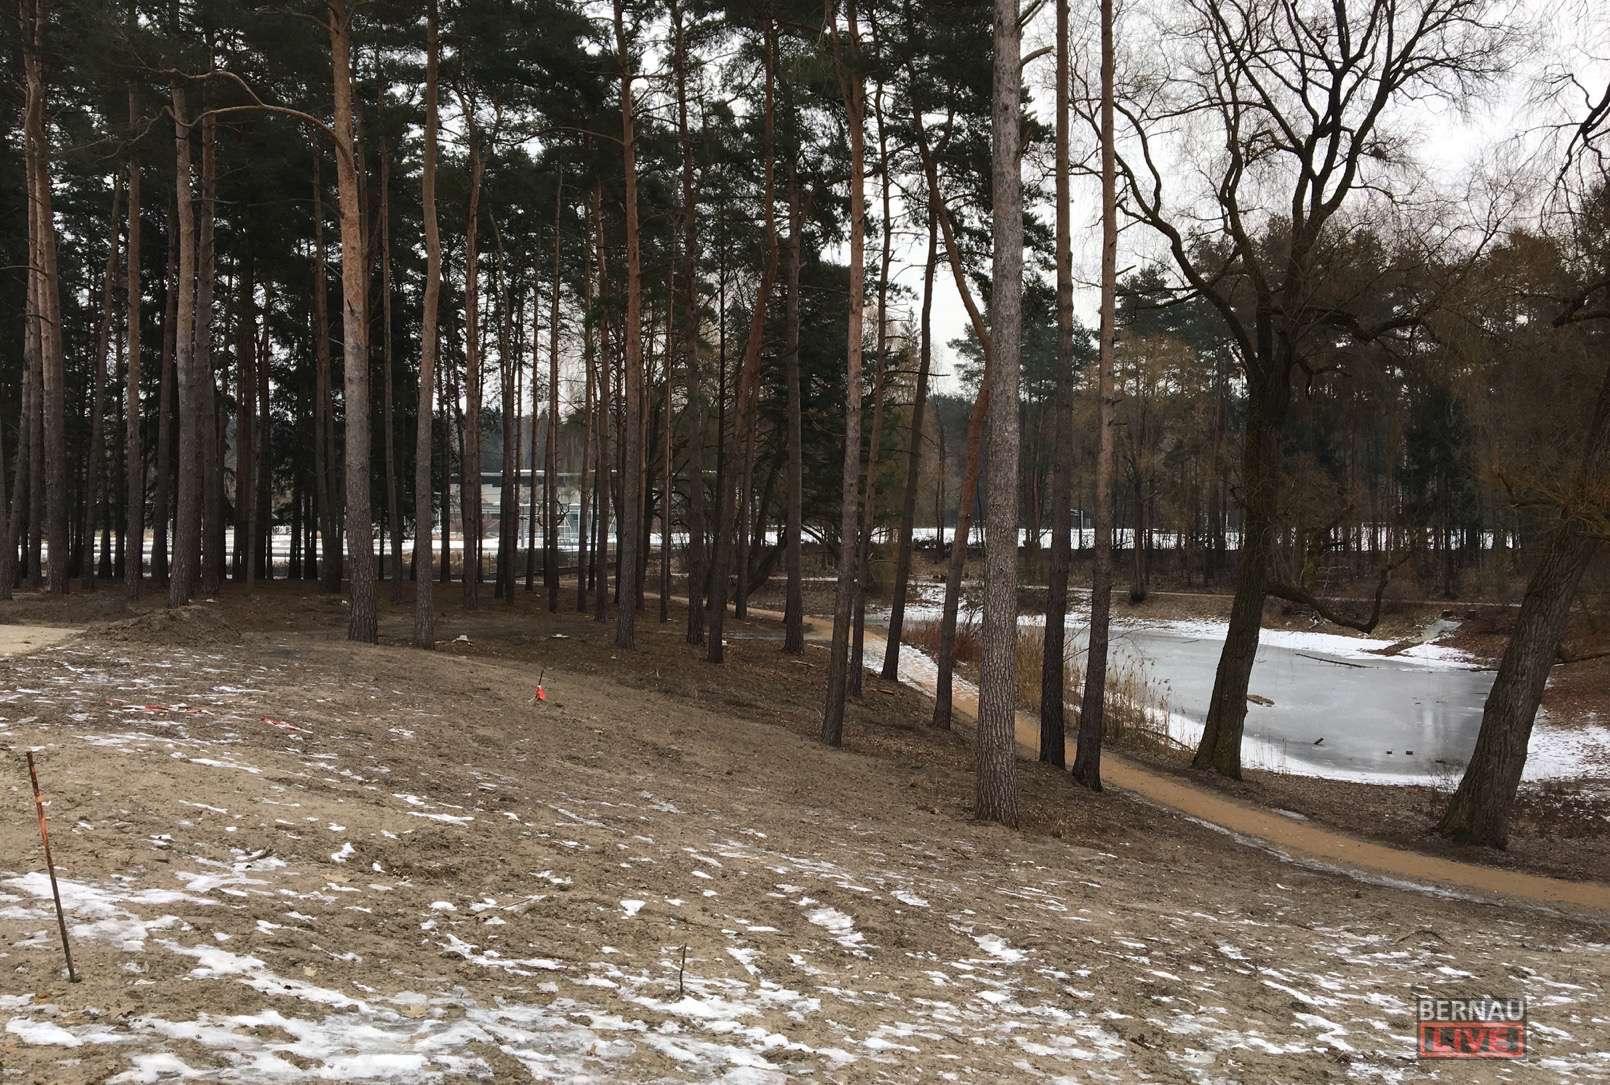 Bernau: Hunderte Bäume werden zur Zeit in Waldfrieden gefällt